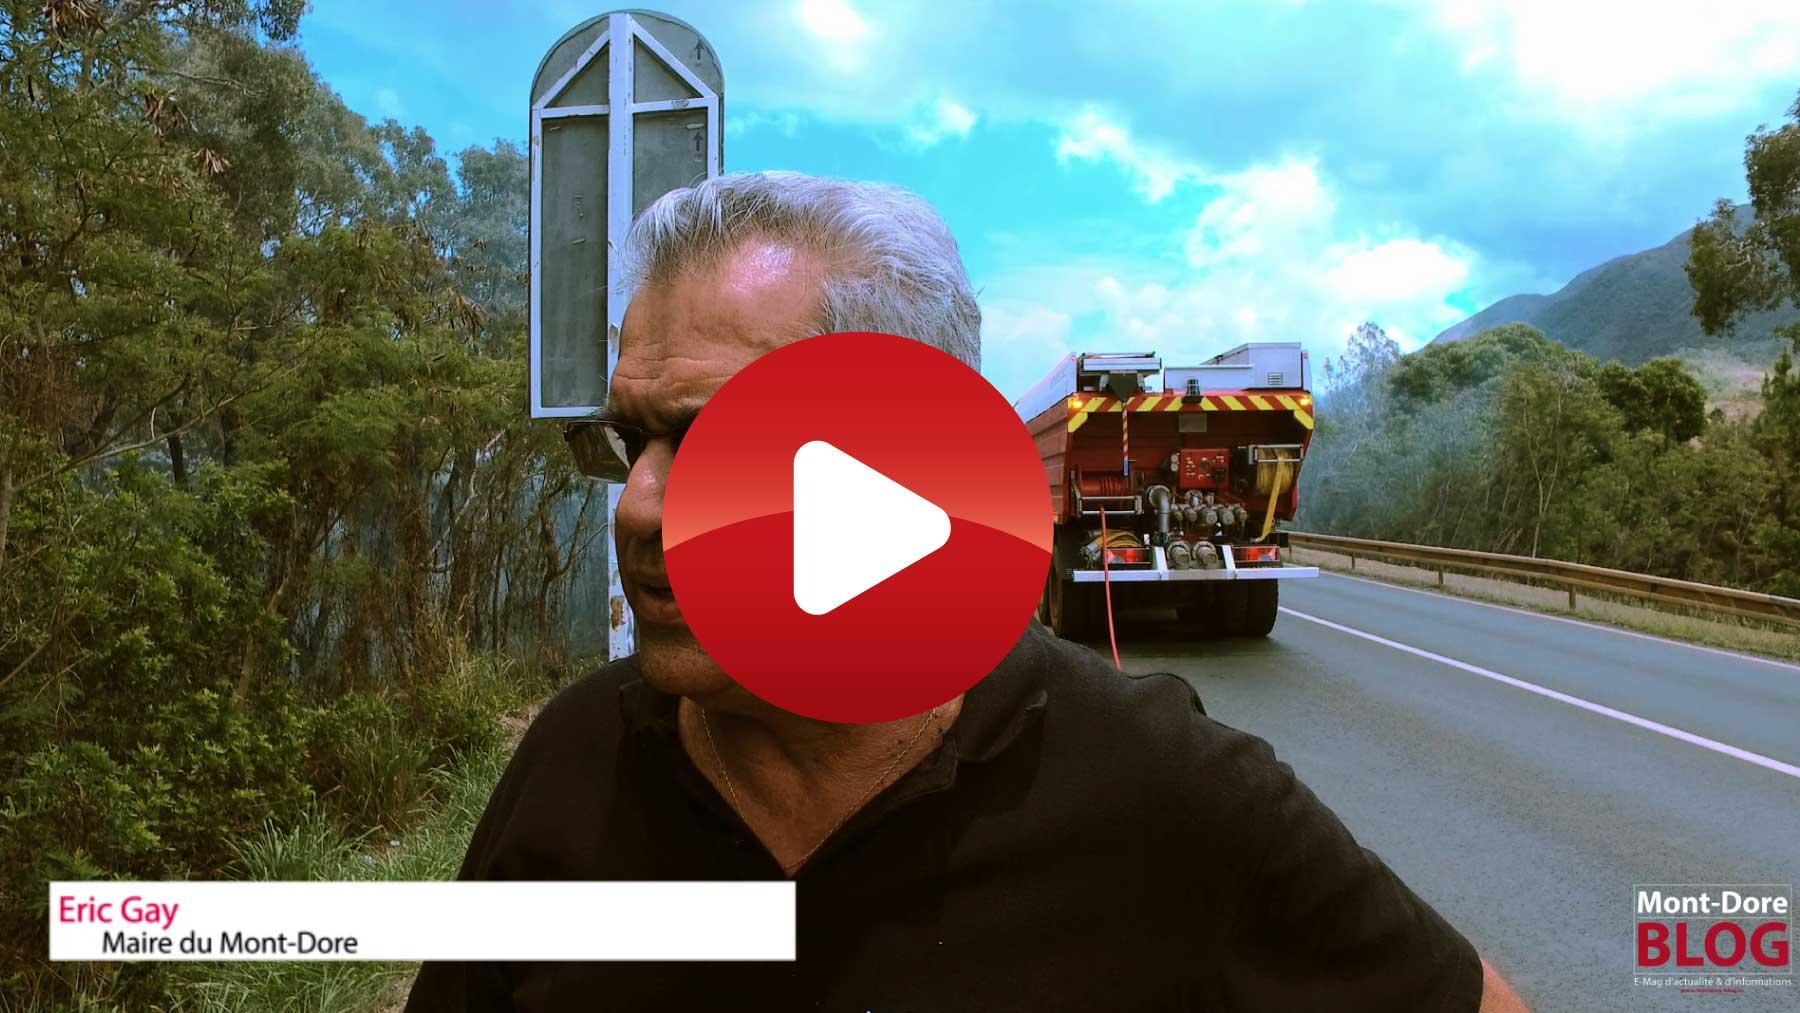 ITW Eric Gay Incendies Mont dore Vidéos à la une